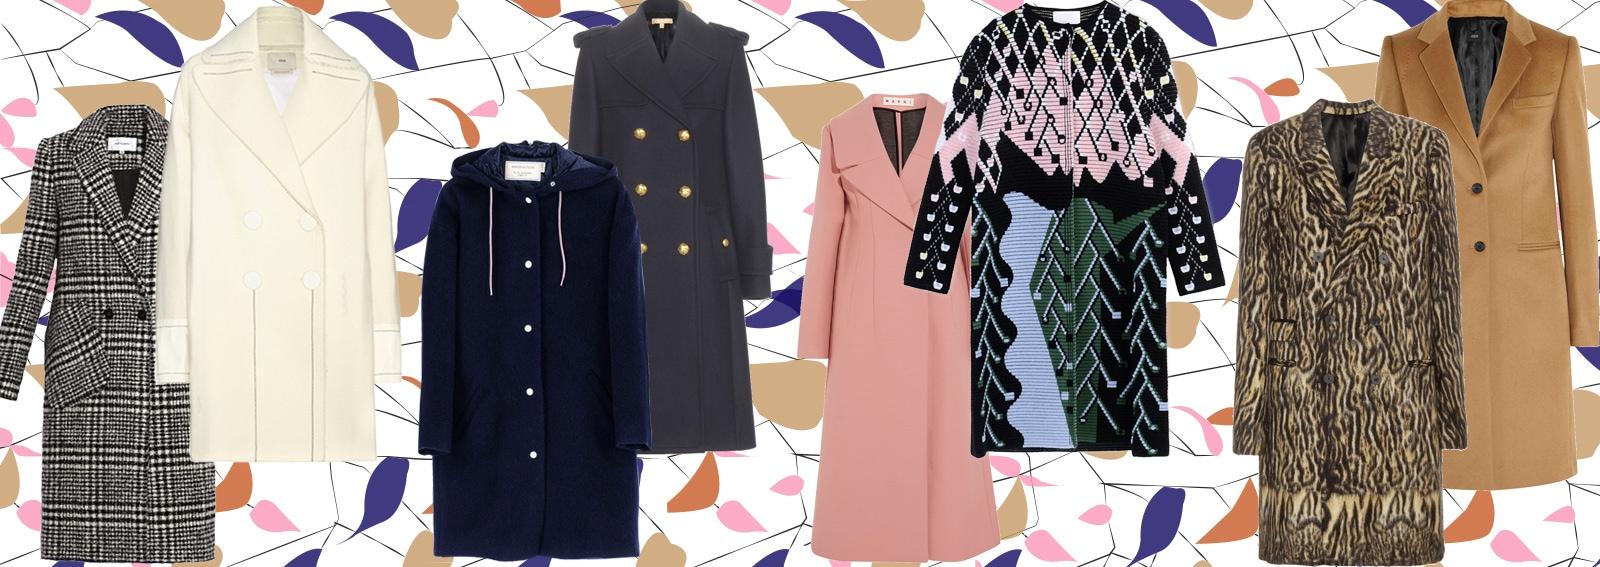 cover 15 cappotti must have inverno 2015 desktop